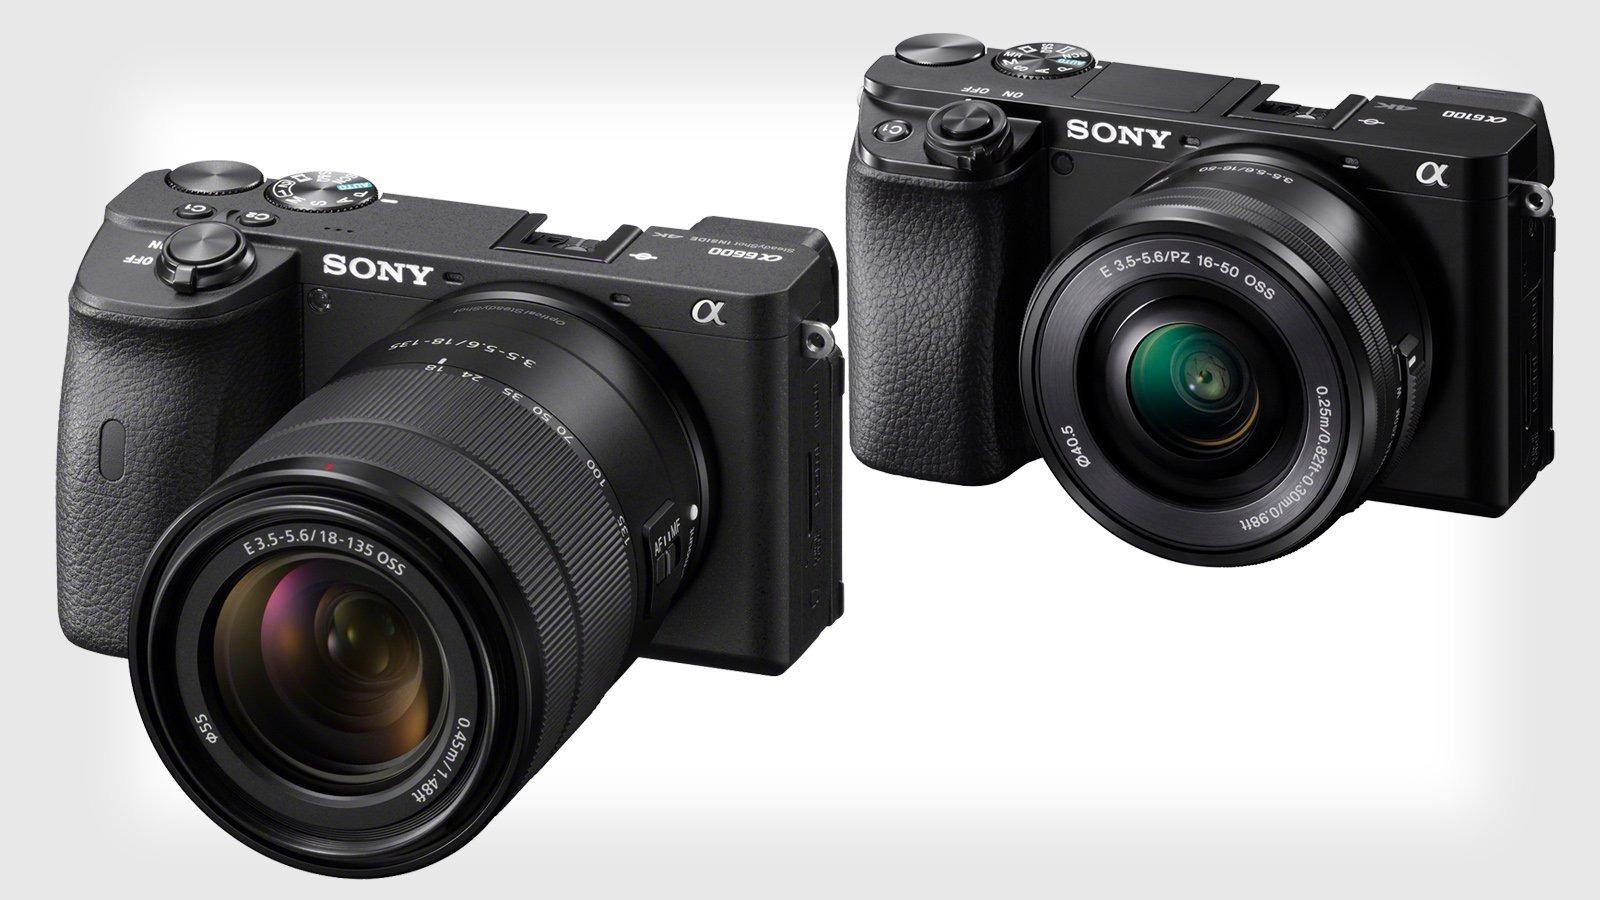 Sony ra mắt 2 chiếc máy ảnh mới, flagship a6600 và entry-level a6100, cảm biến APS-C